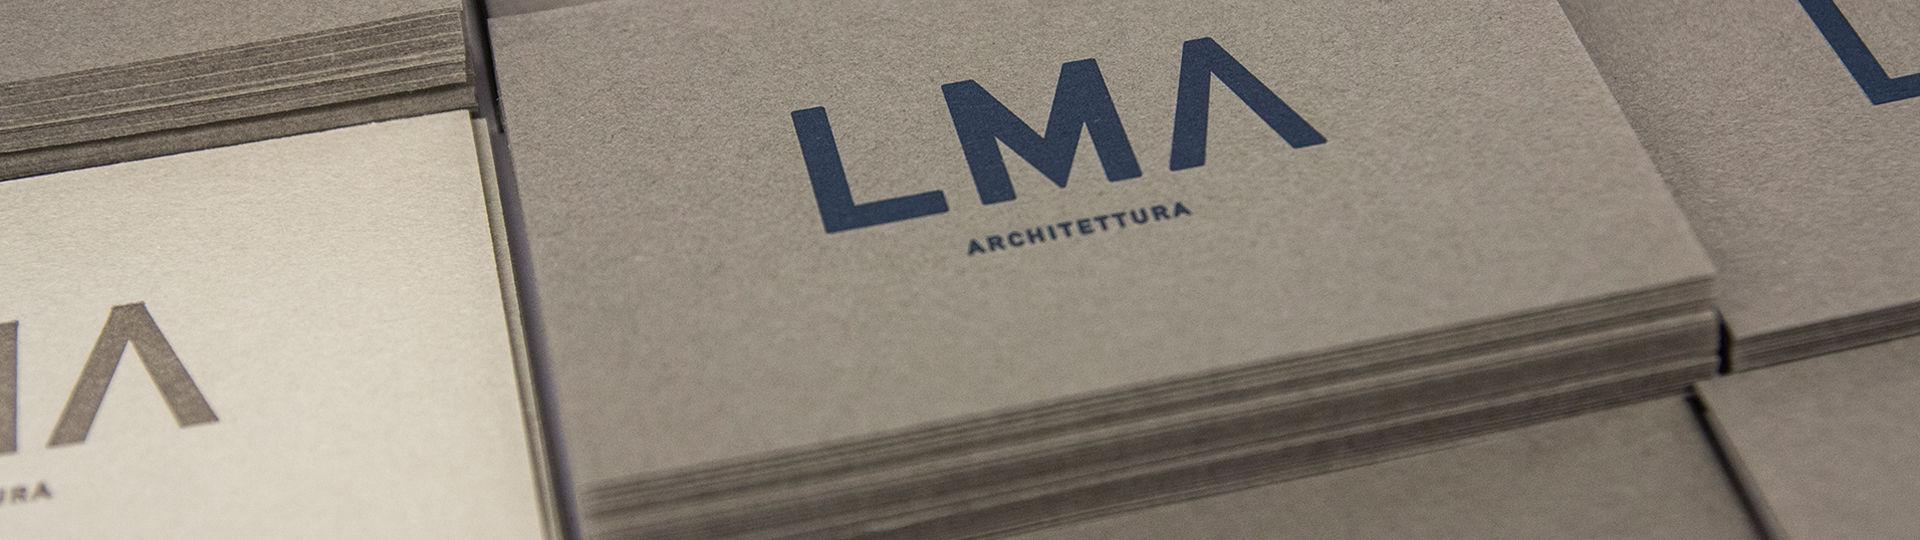 stampa letterpress con bassorilievo_2